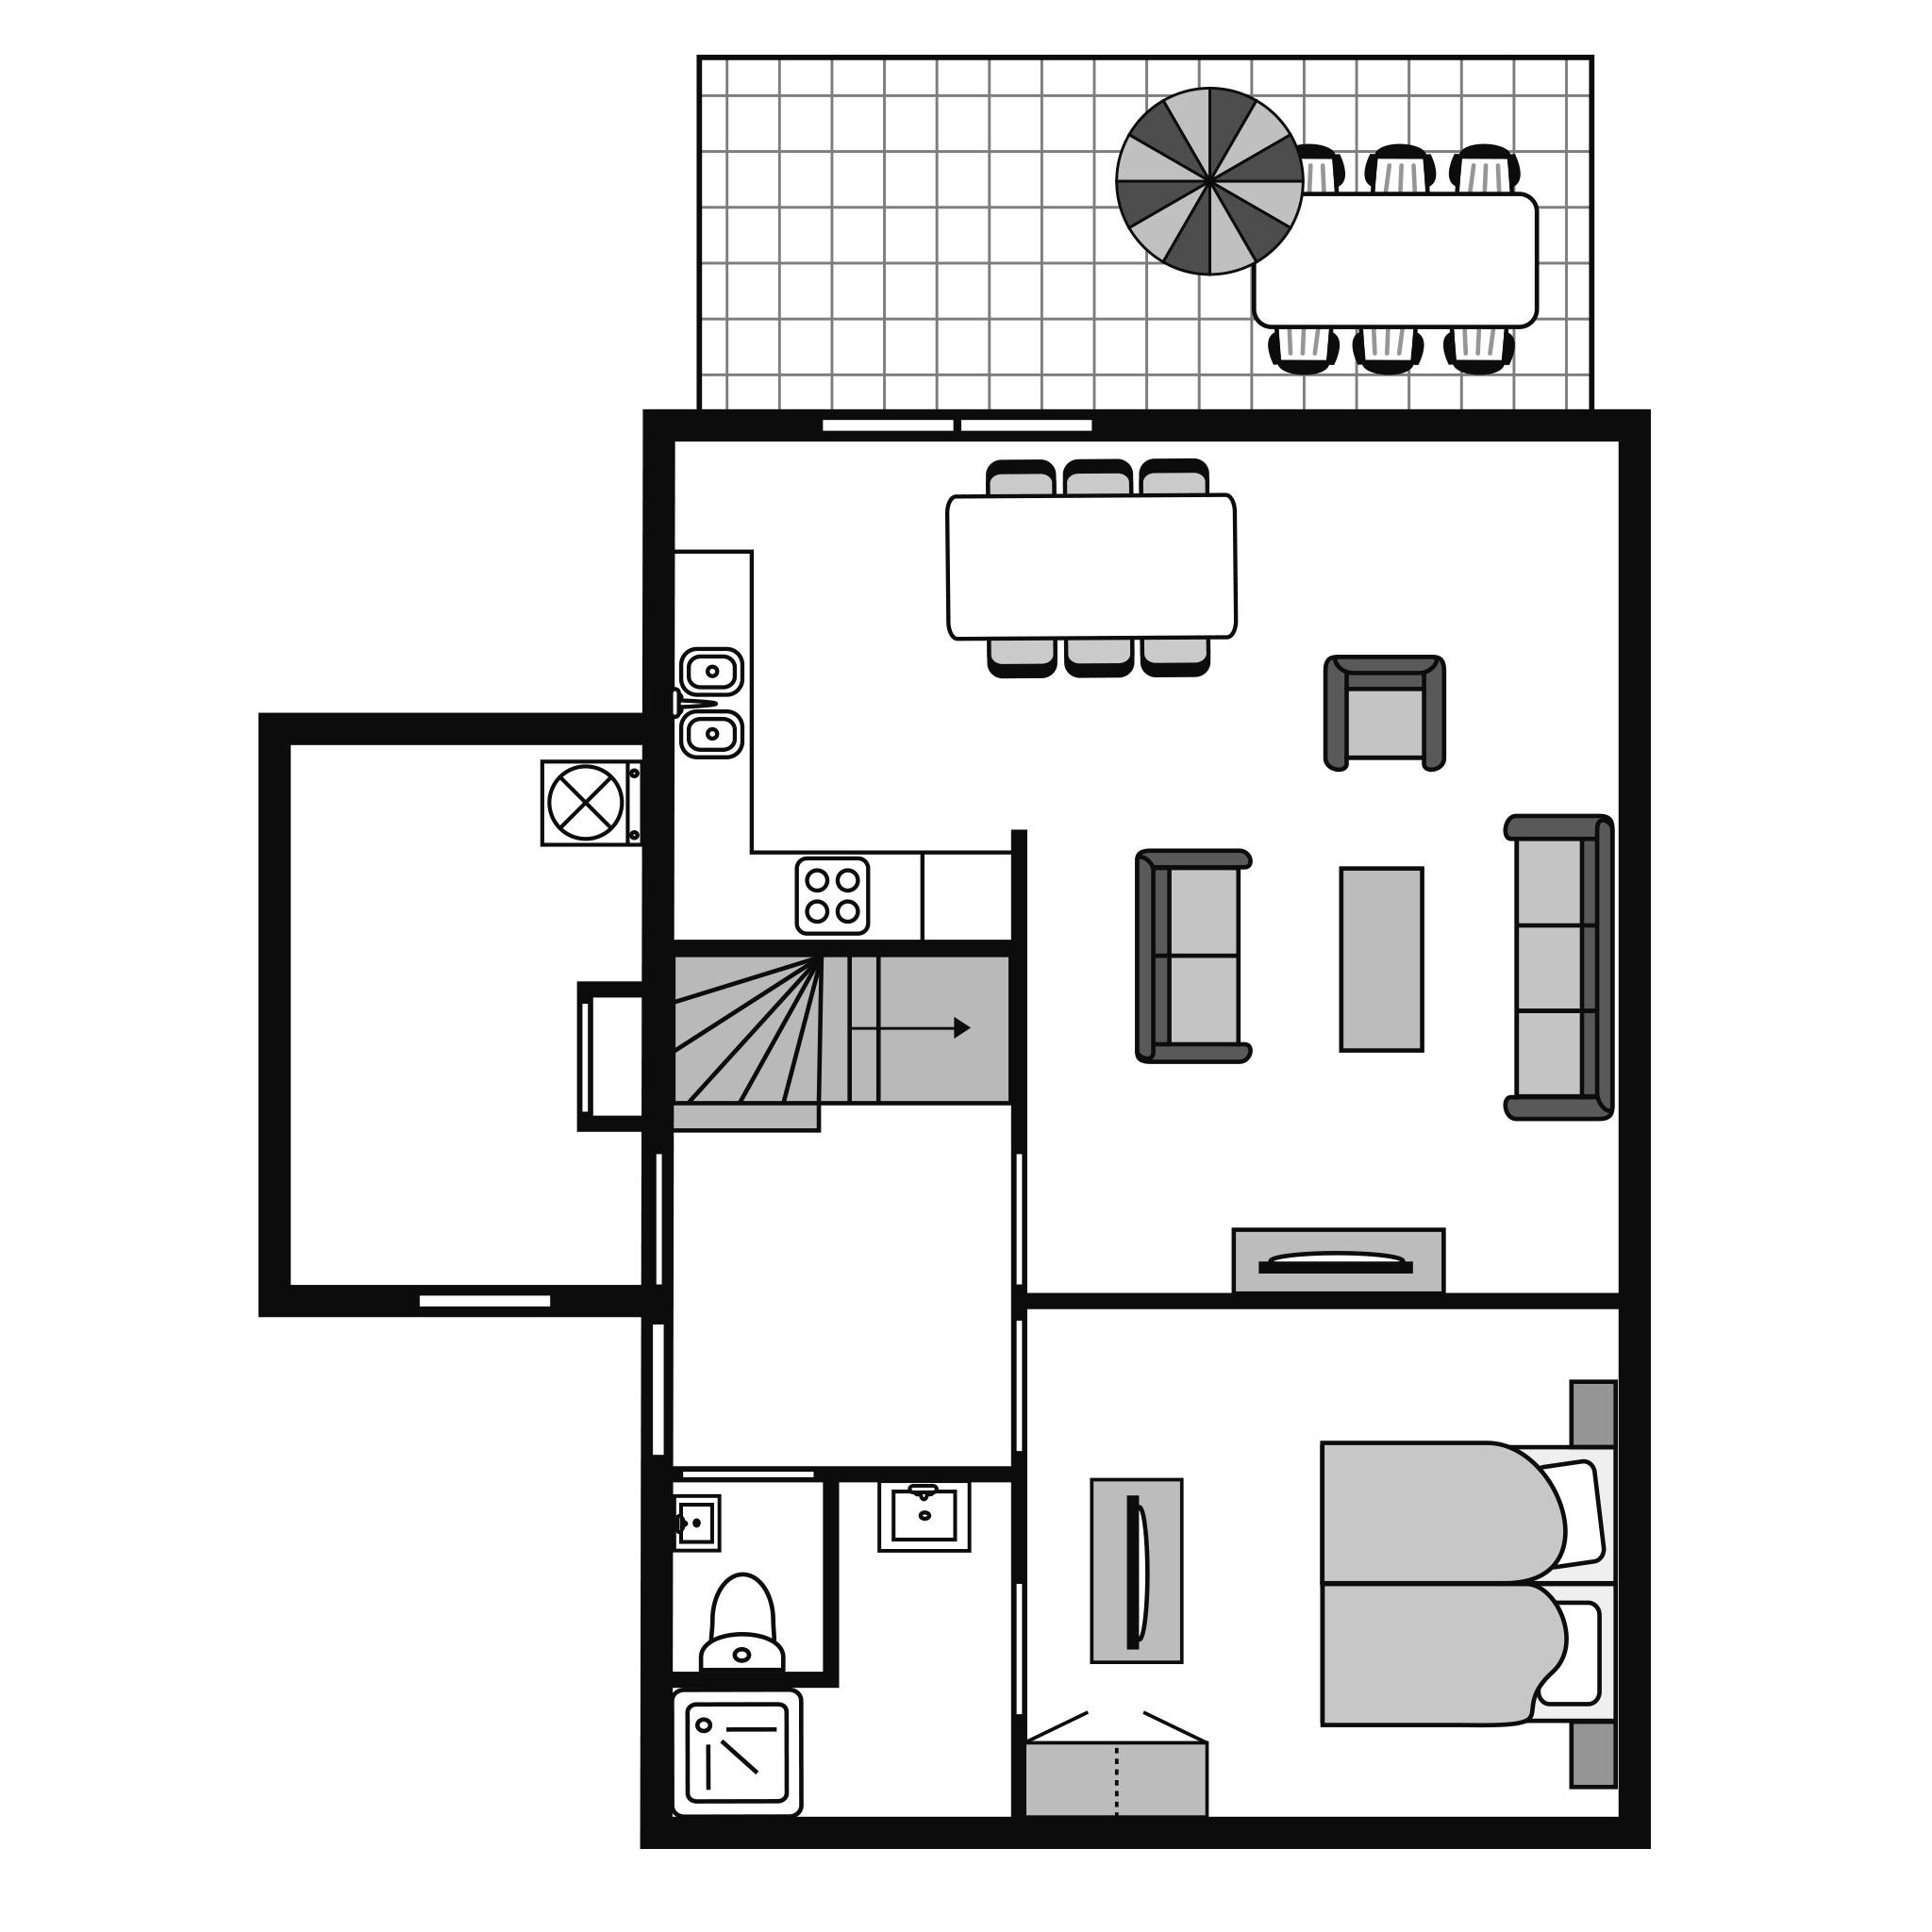 Ferienwohnung Luxus 6-Personen-Ferienhaus im Ferienpark Landal De Vers - am Wasser/Freizeitsee gelegen (2669908), Overloon, , Nordbrabant, Niederlande, Bild 21